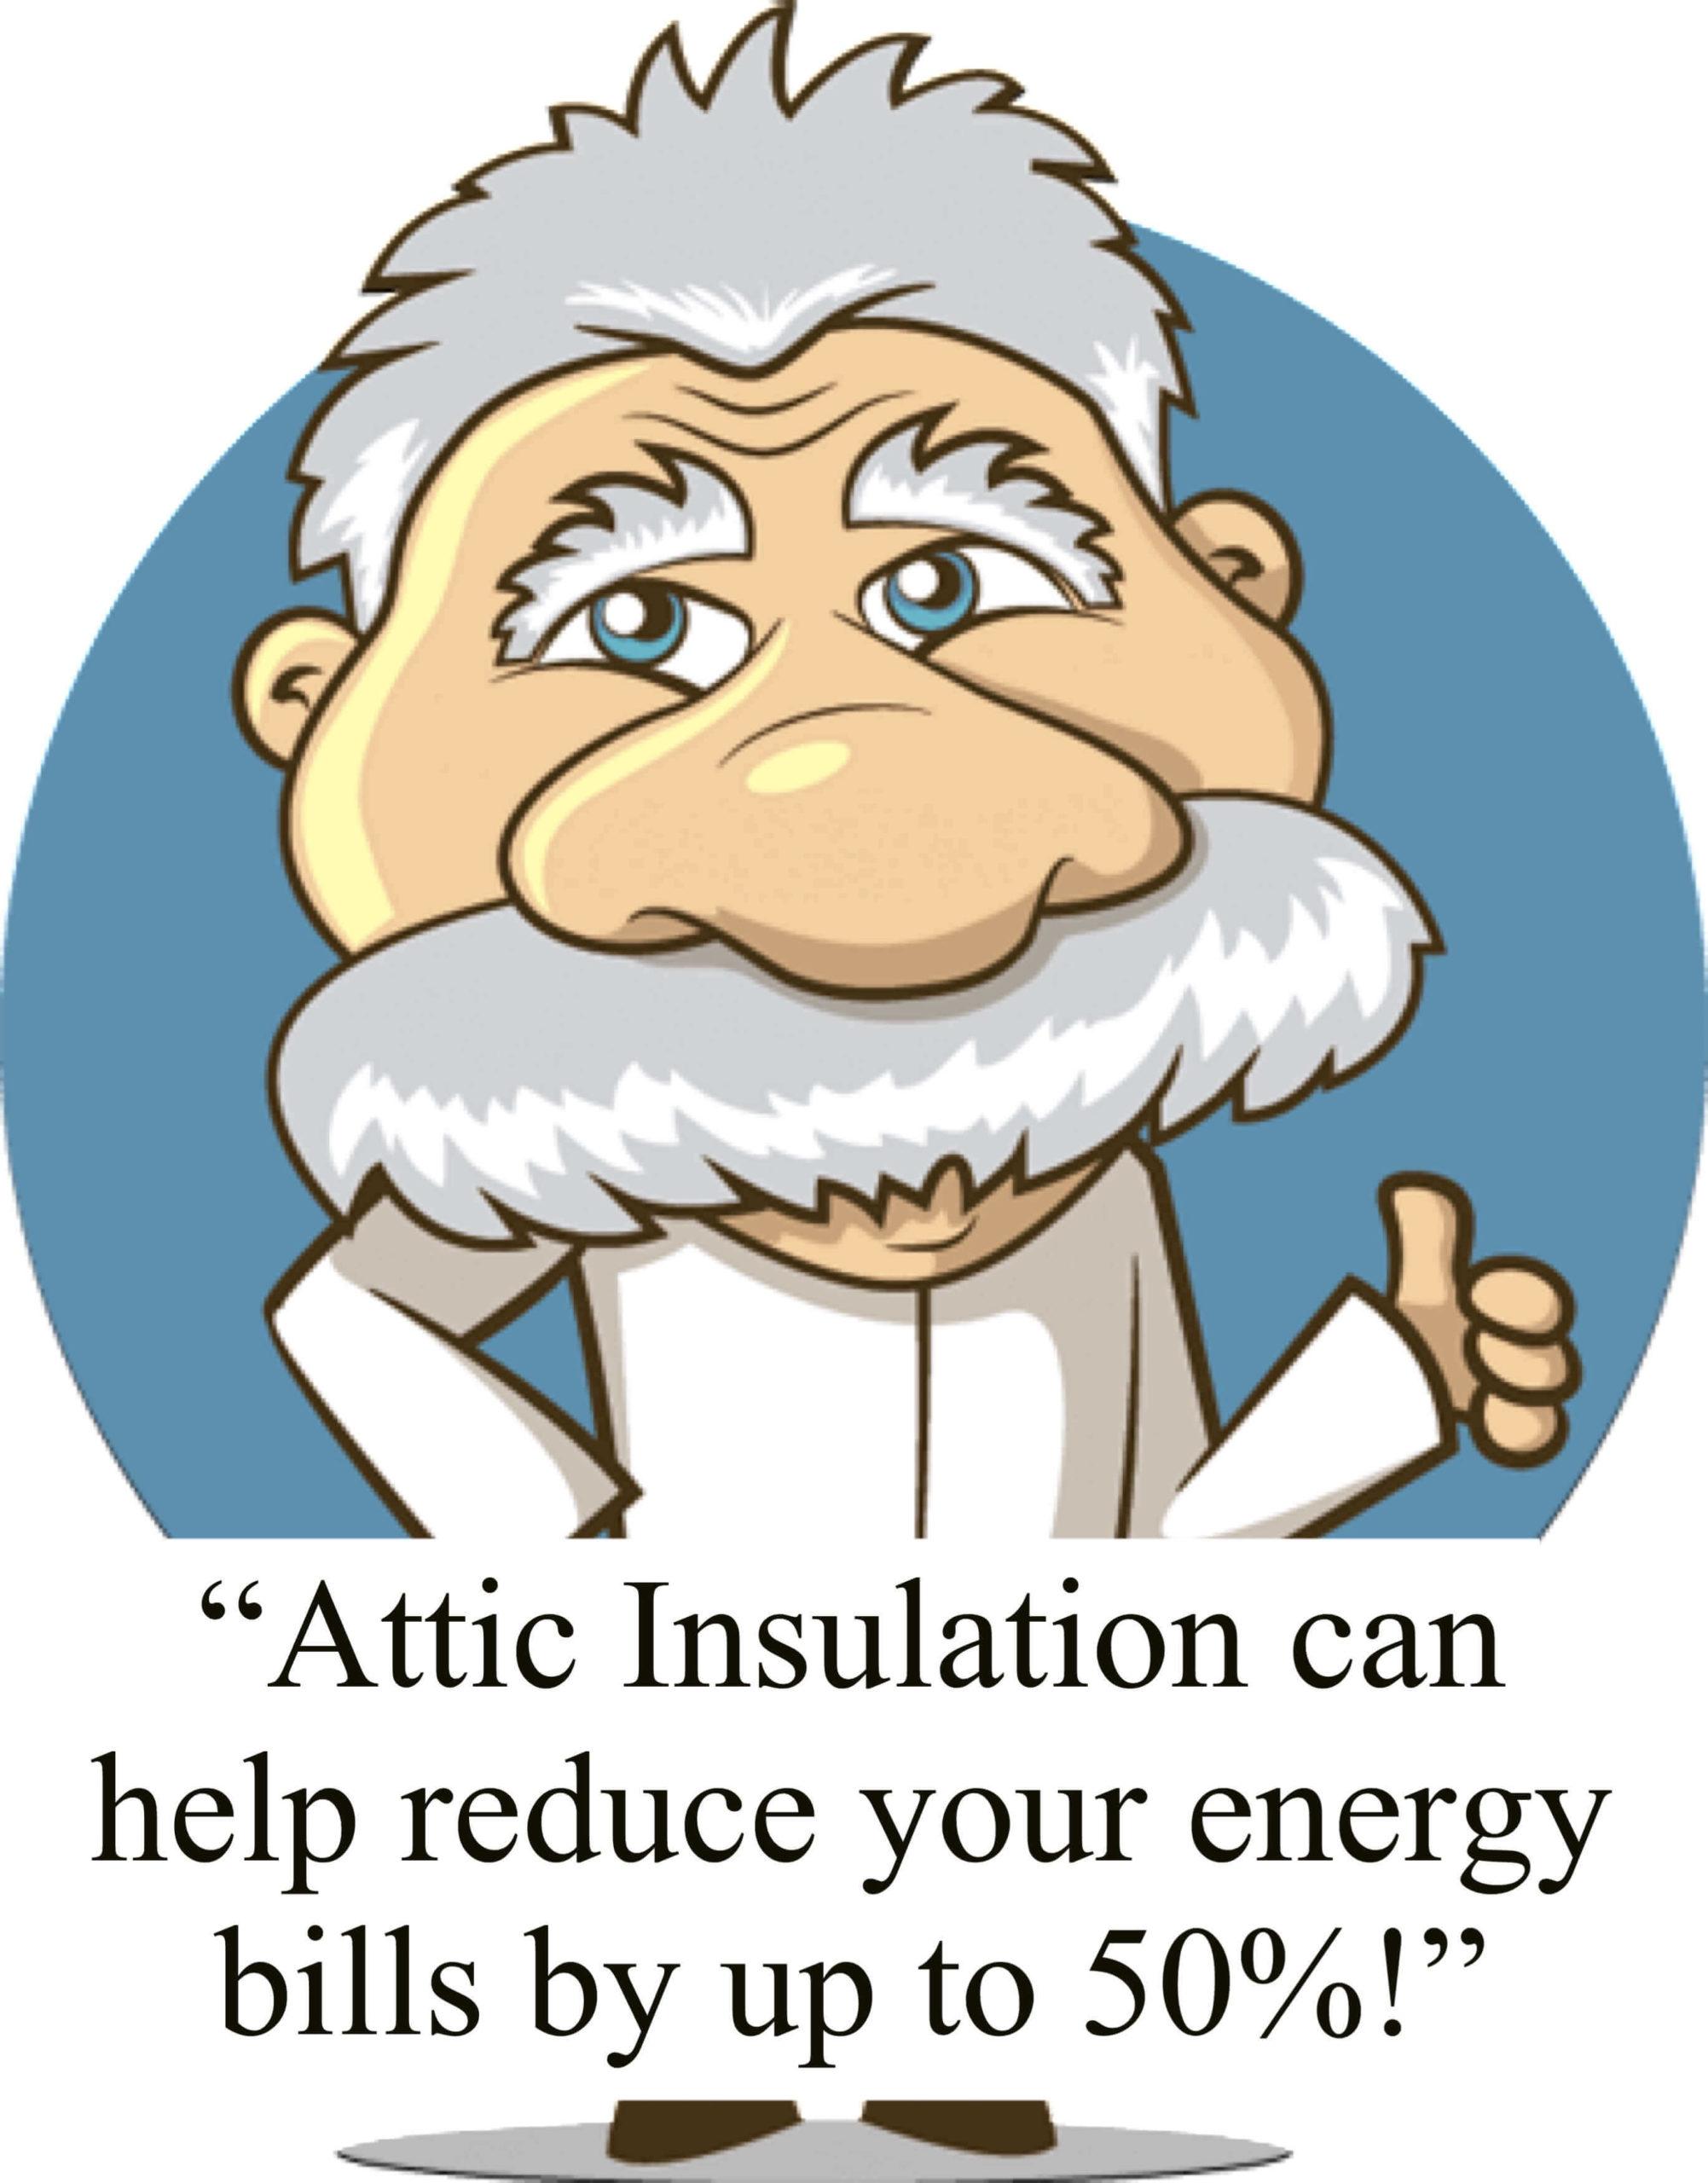 Einstein quote on attic insulation